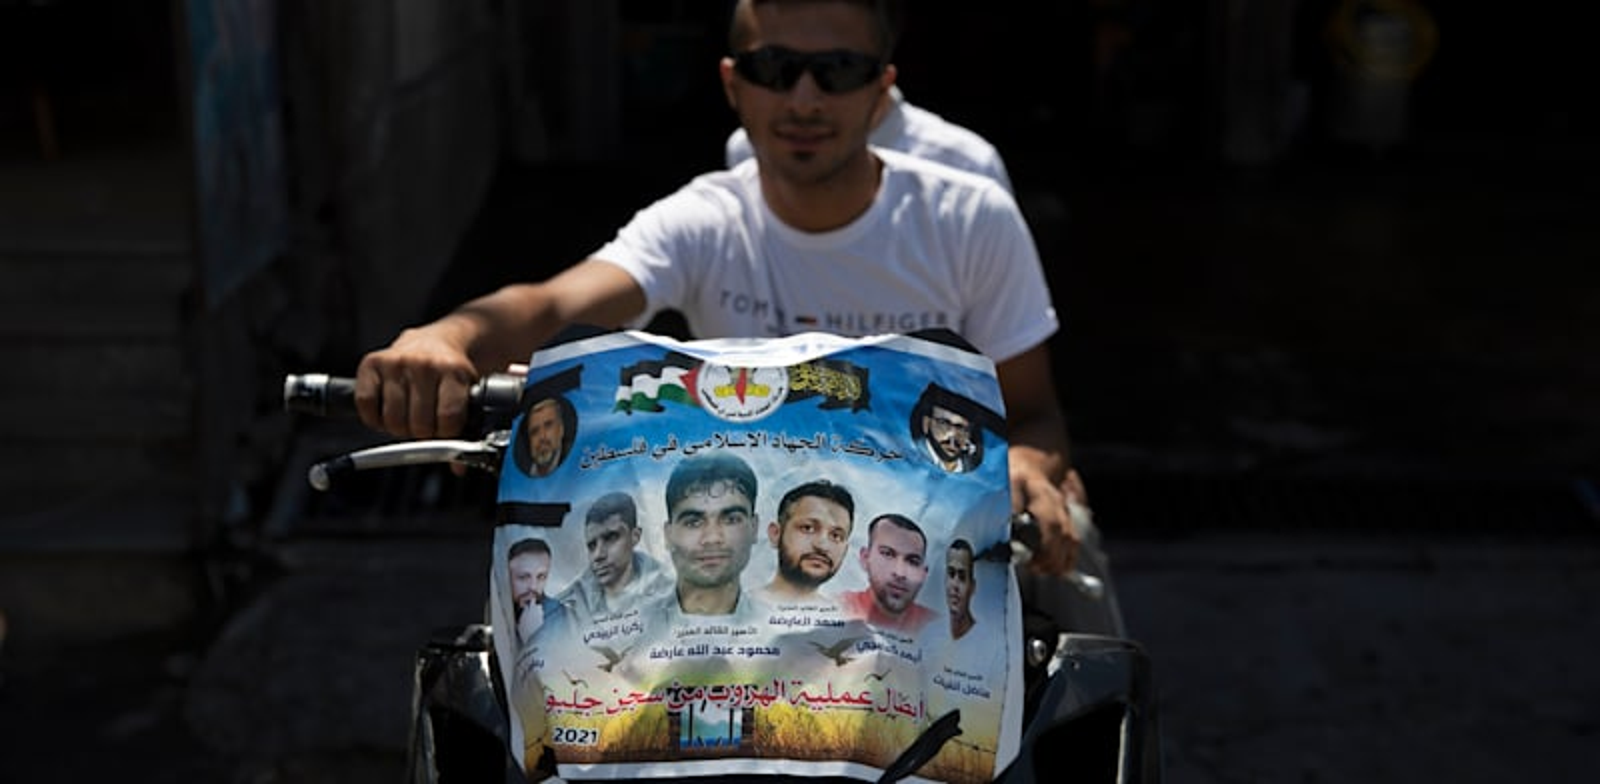 מהללים את ששת המחבלים הנמלטים. ג'נין / צילום: Associated Press, Nasser Nasser